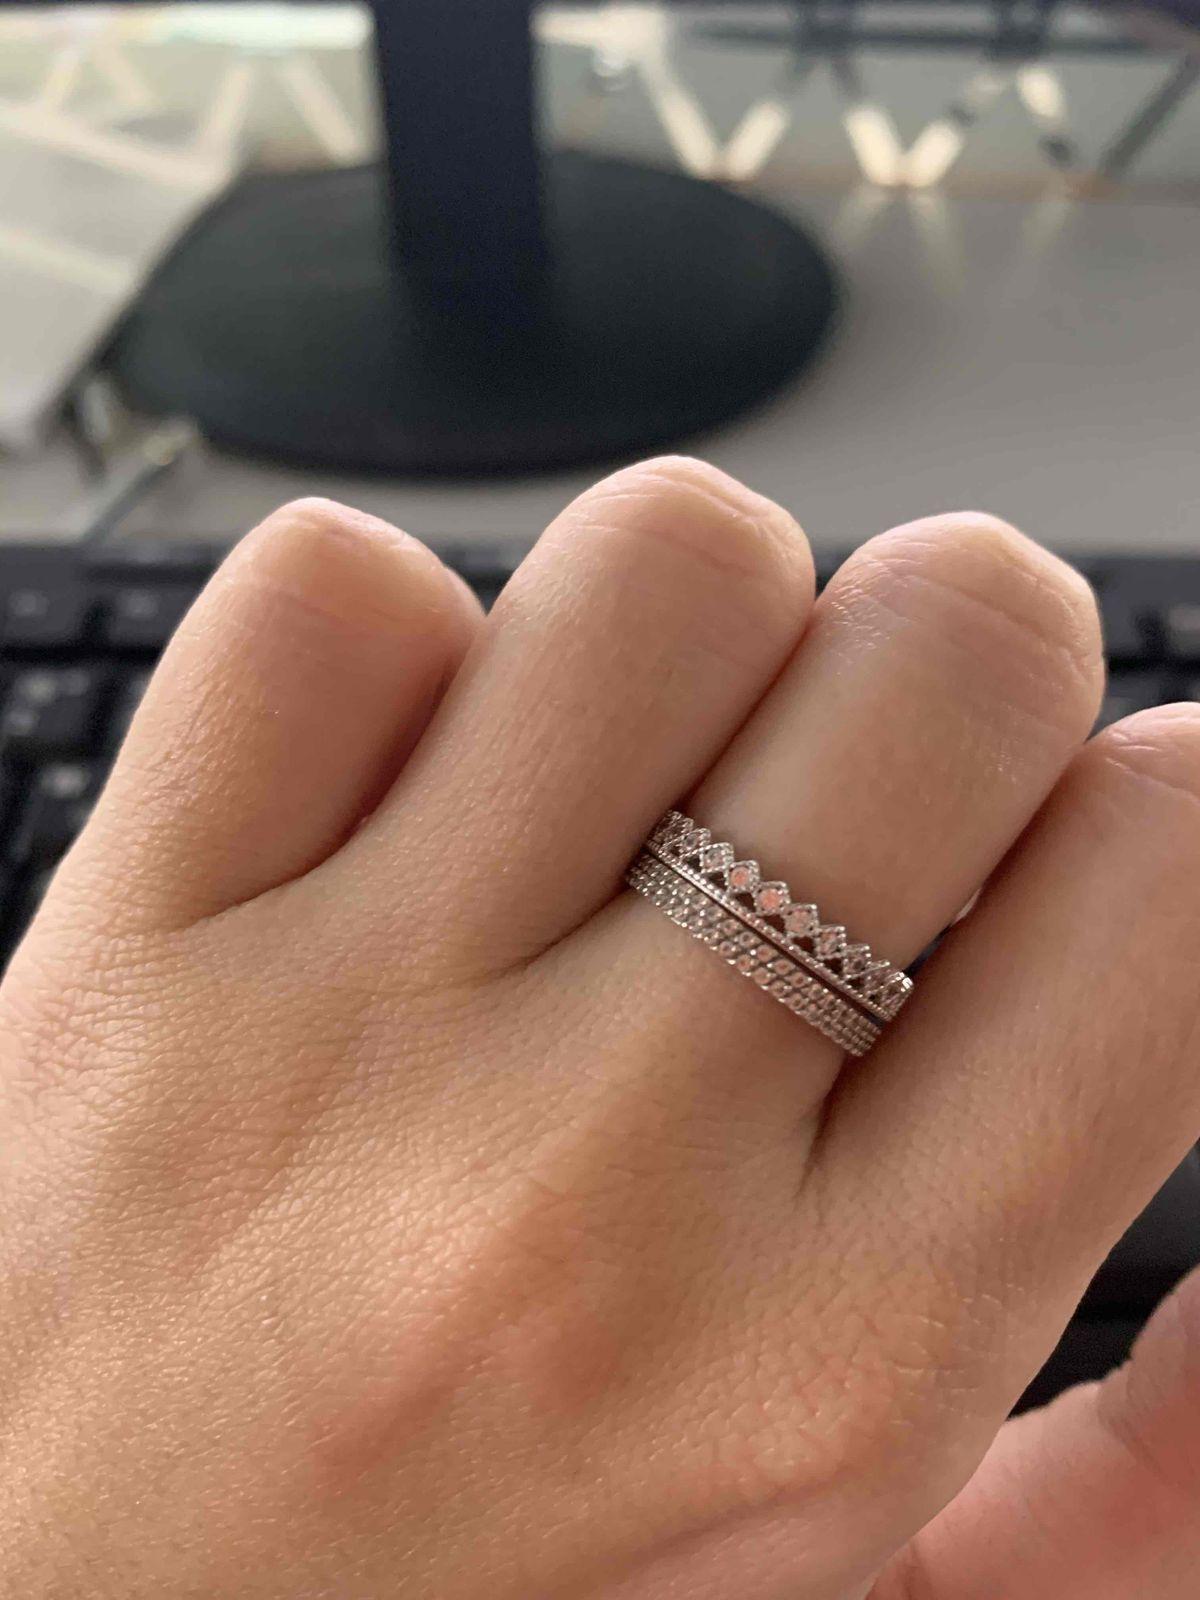 Кольцо для кольца